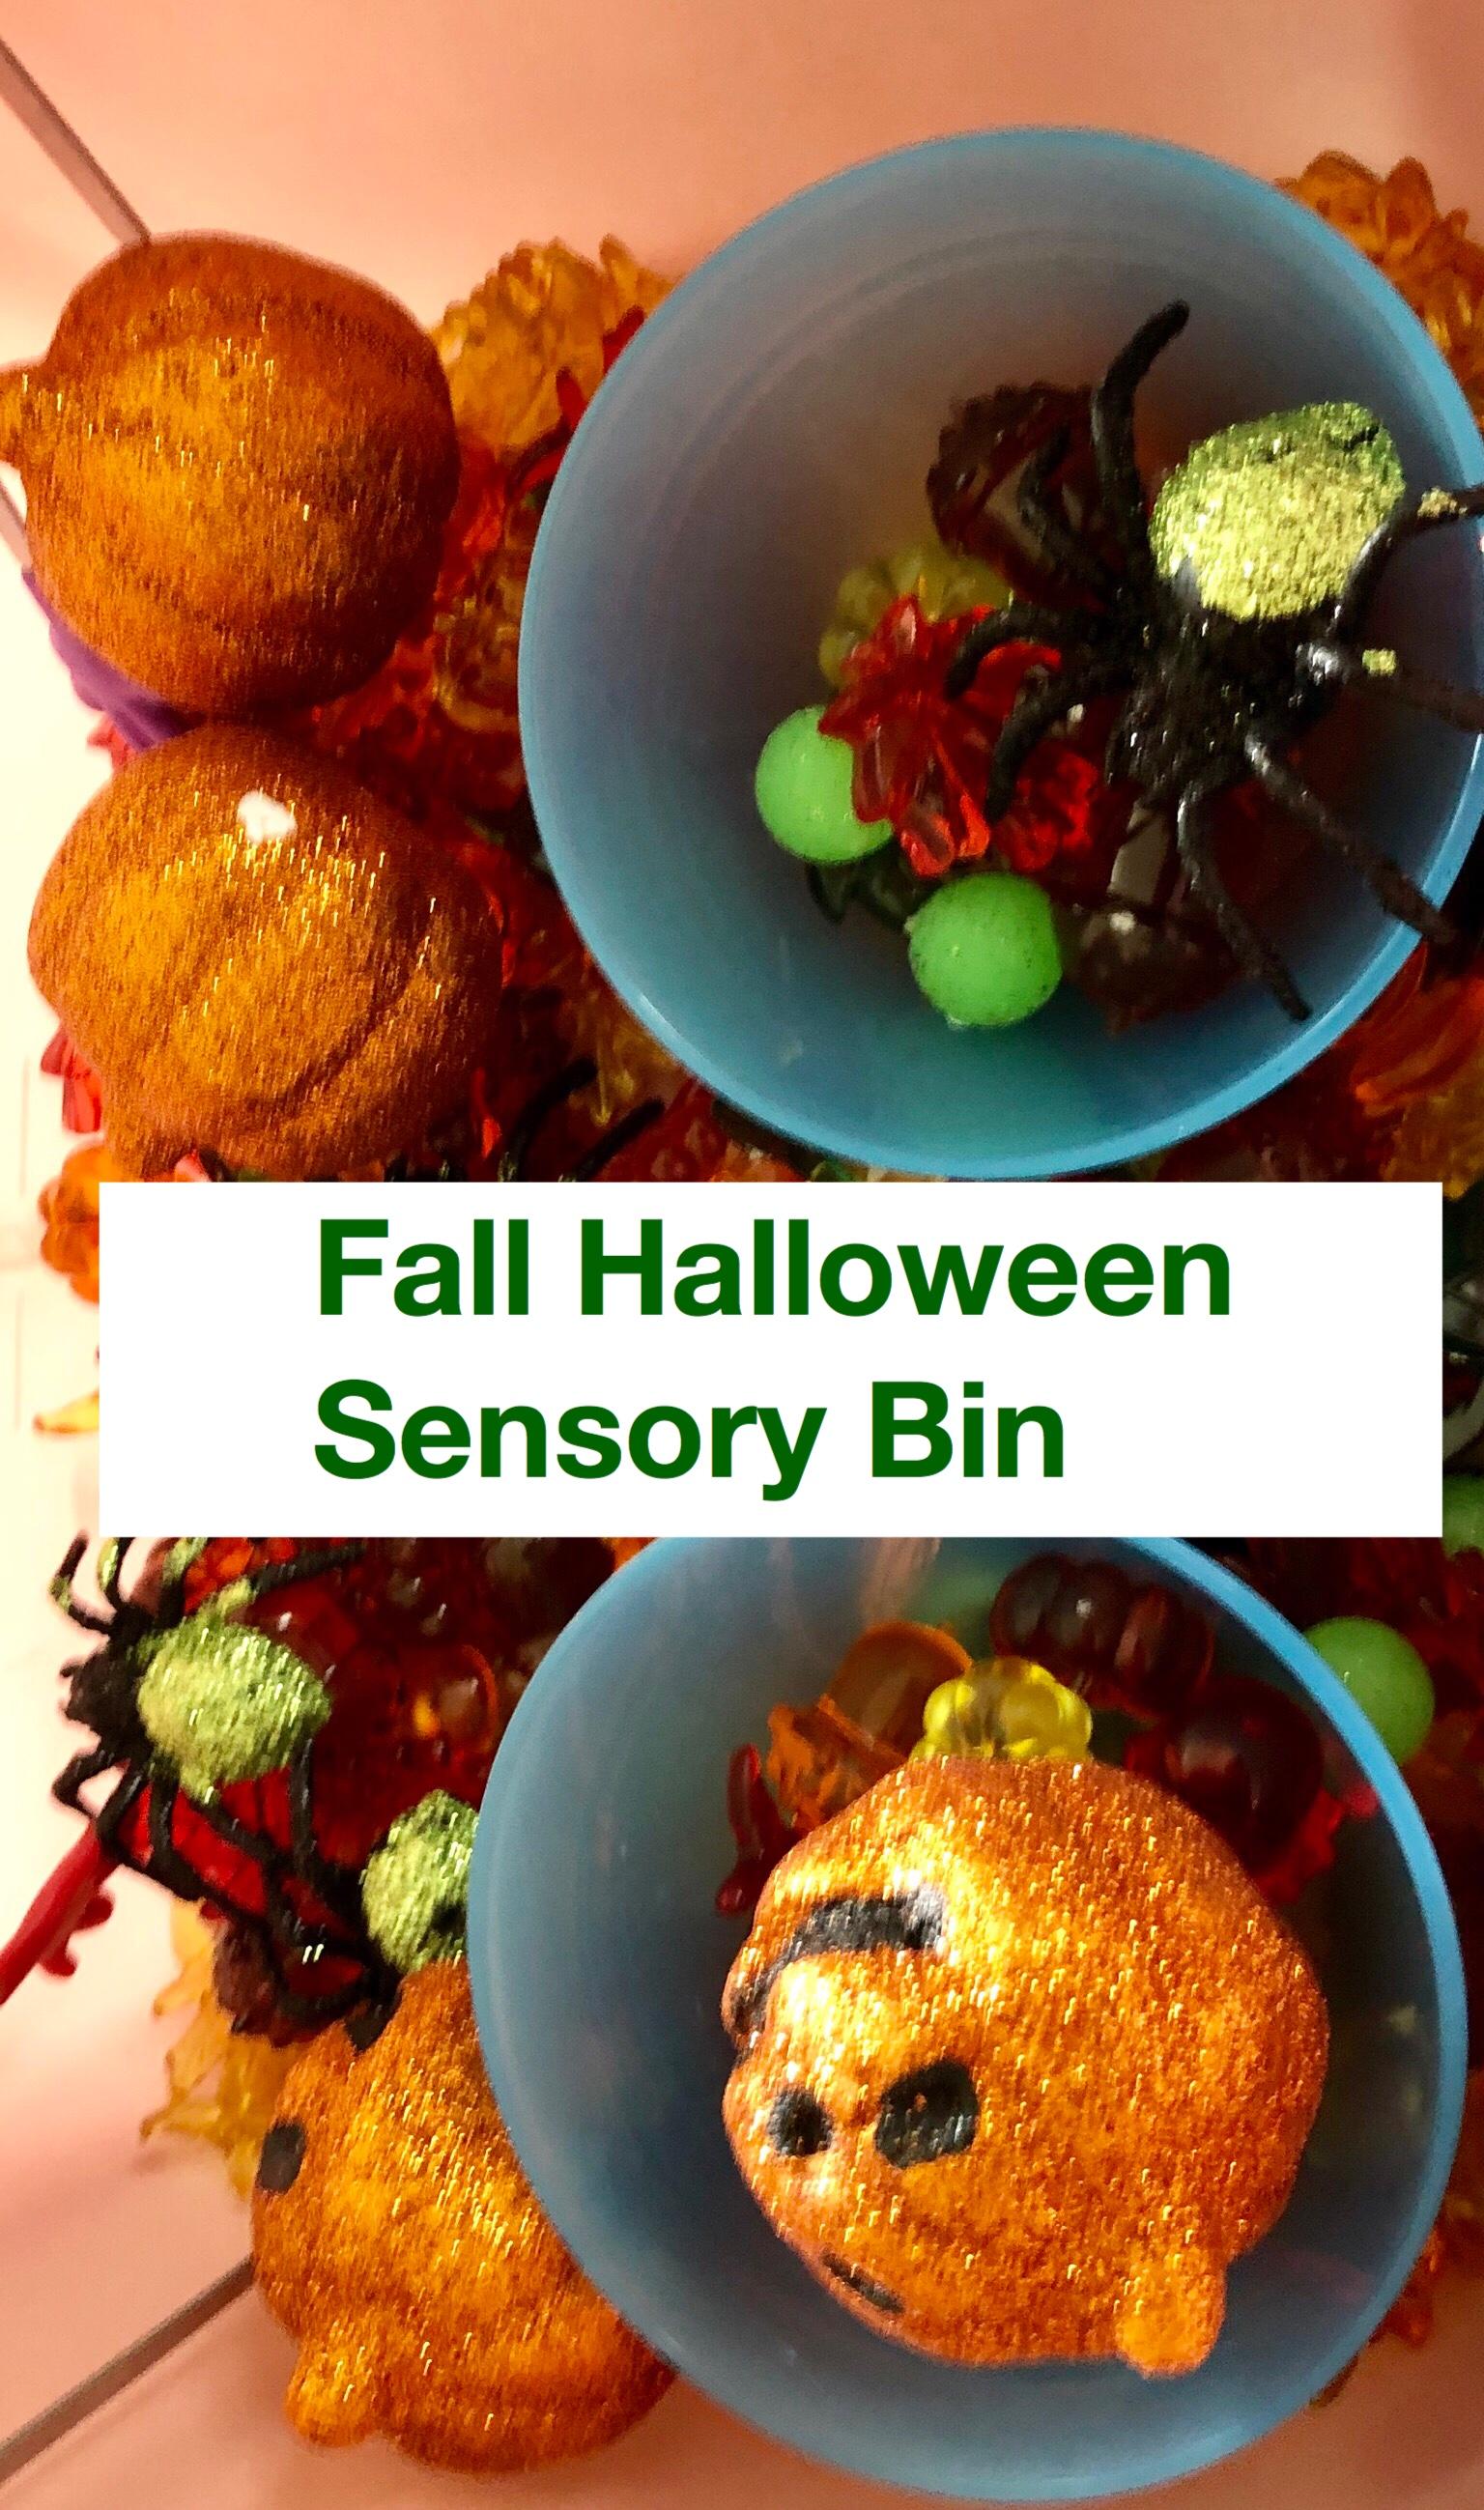 Fall Halloween Sensory bin pin